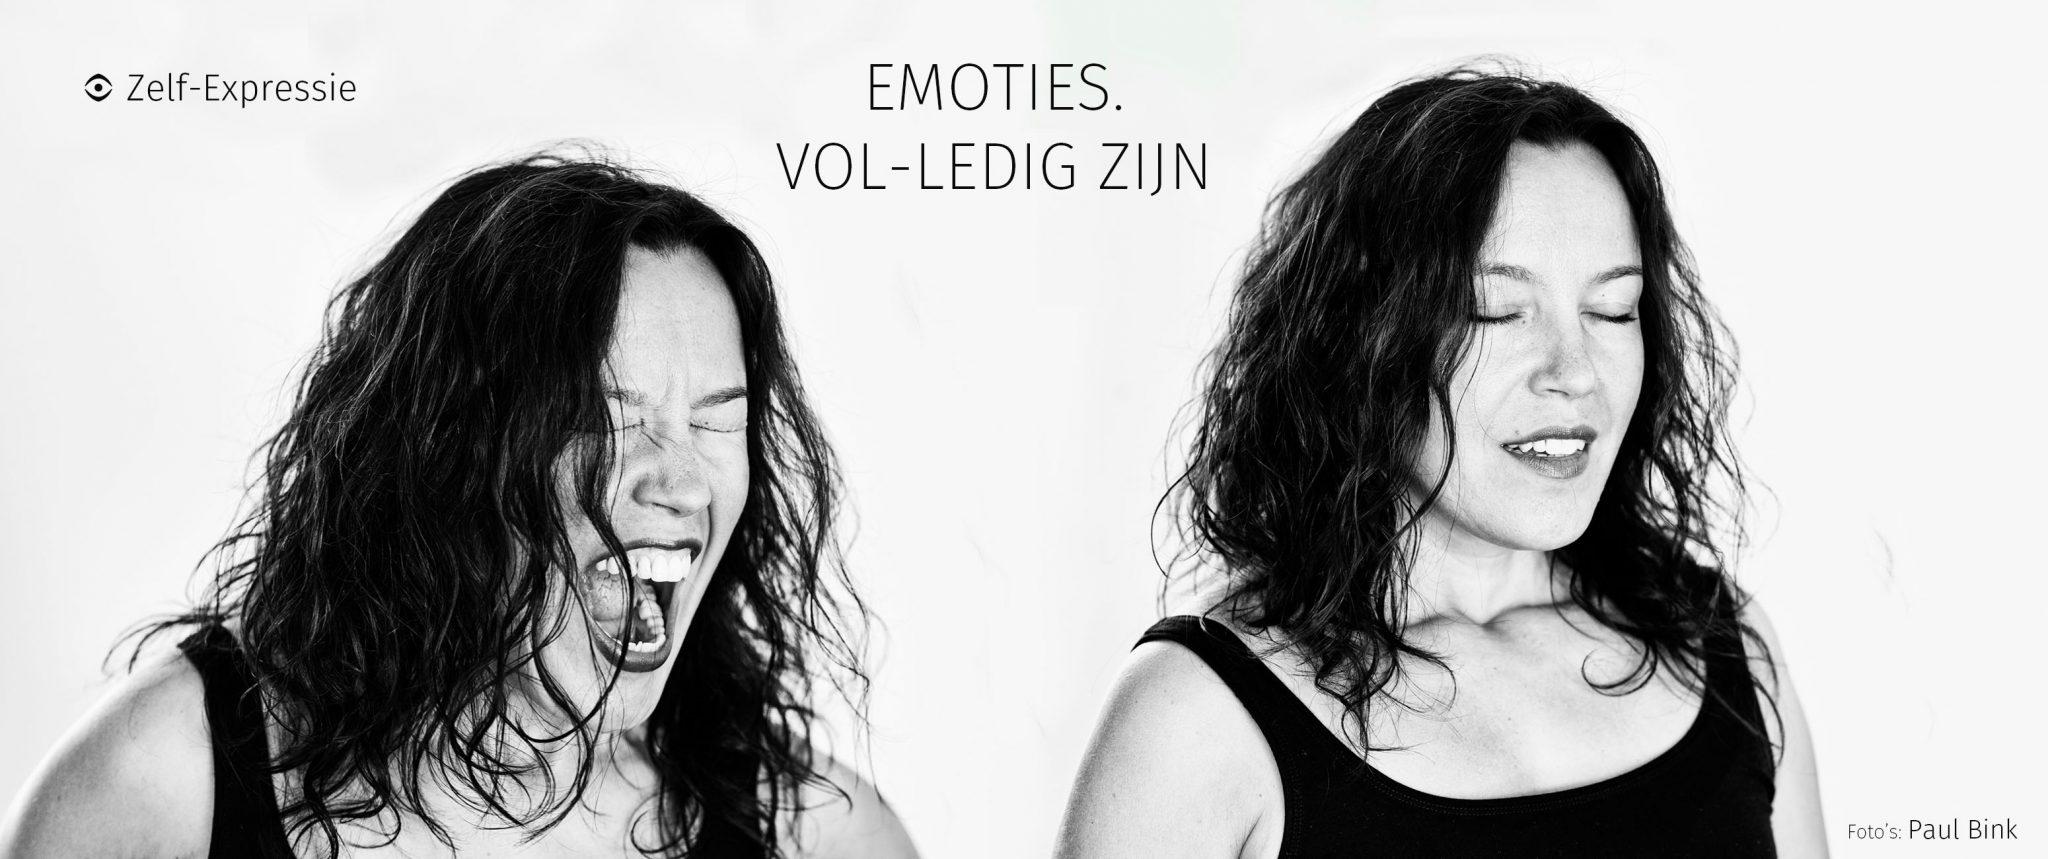 Emoties